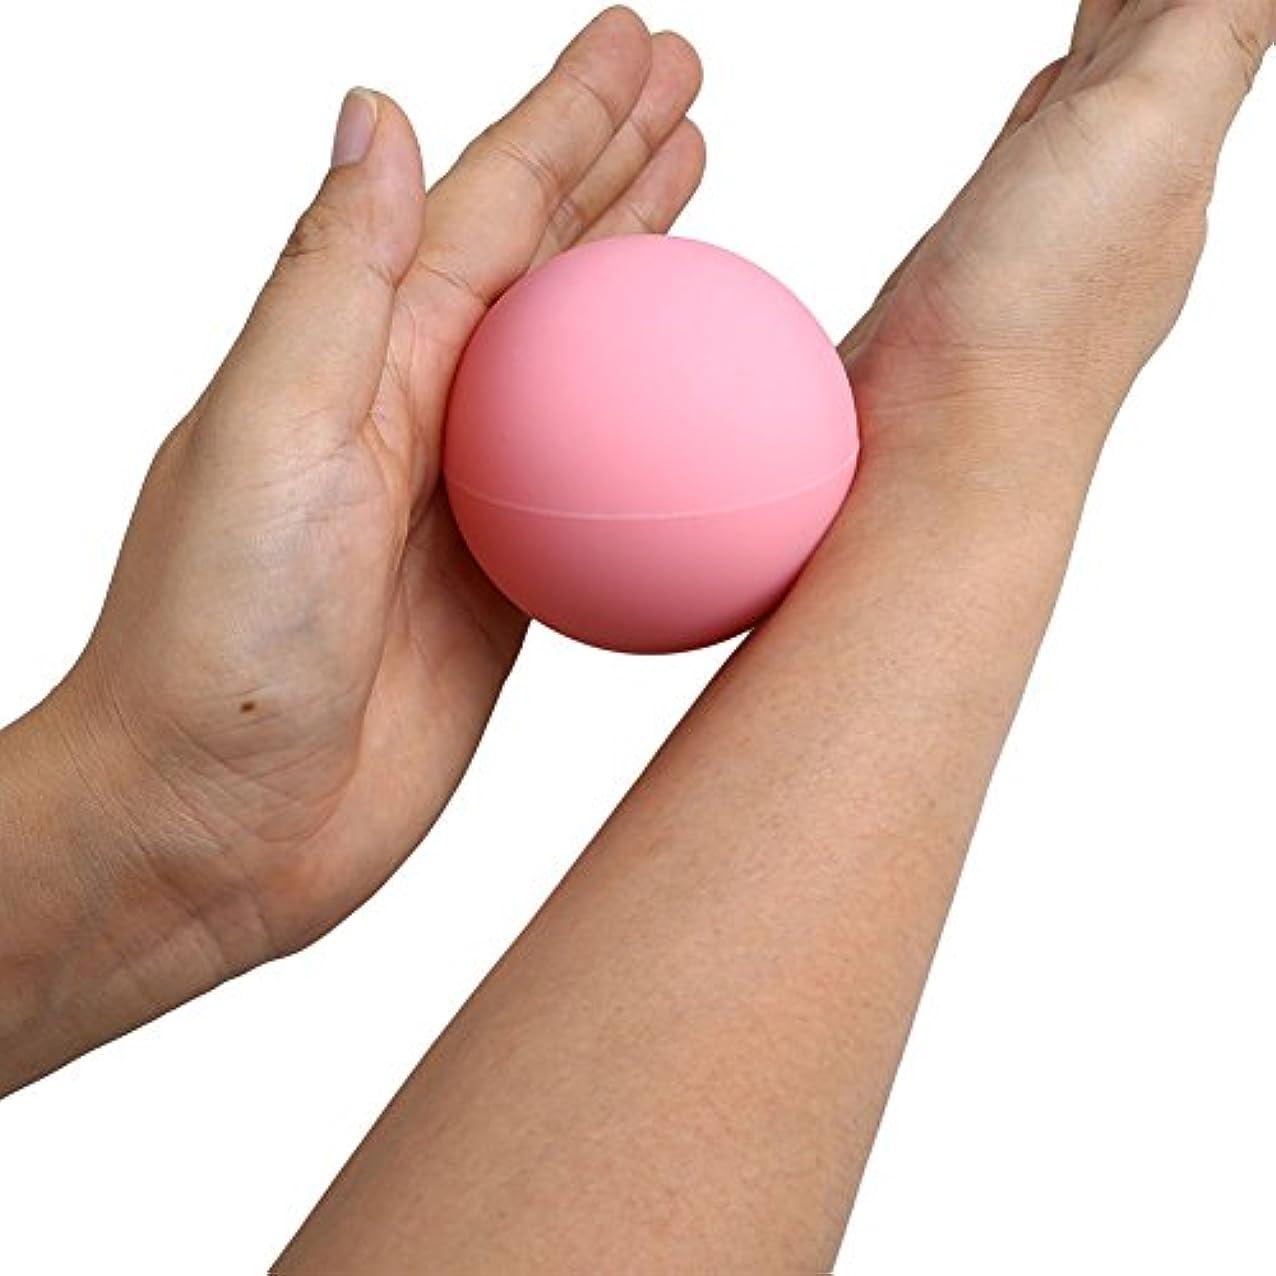 予測シャーロットブロンテ添付Auntwhale ラクロスマッサージボール 毎日のためにジムヨガ 筋筋膜トリガーポイント リリース